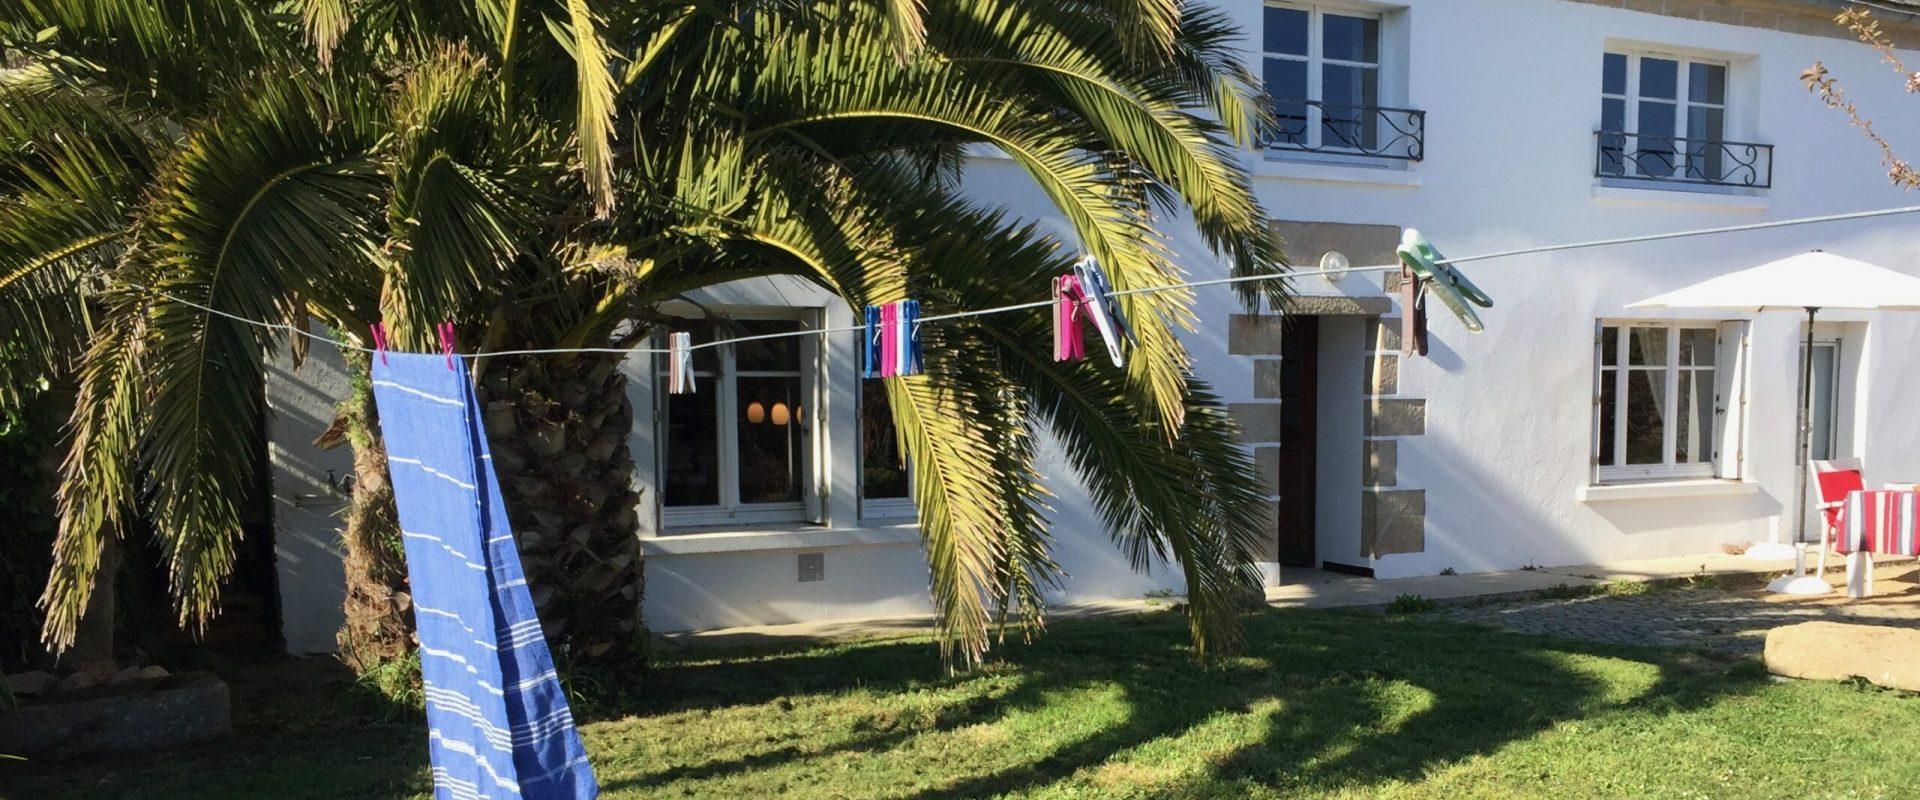 Ferienhaus Ty Boz Außenansicht vom Haus